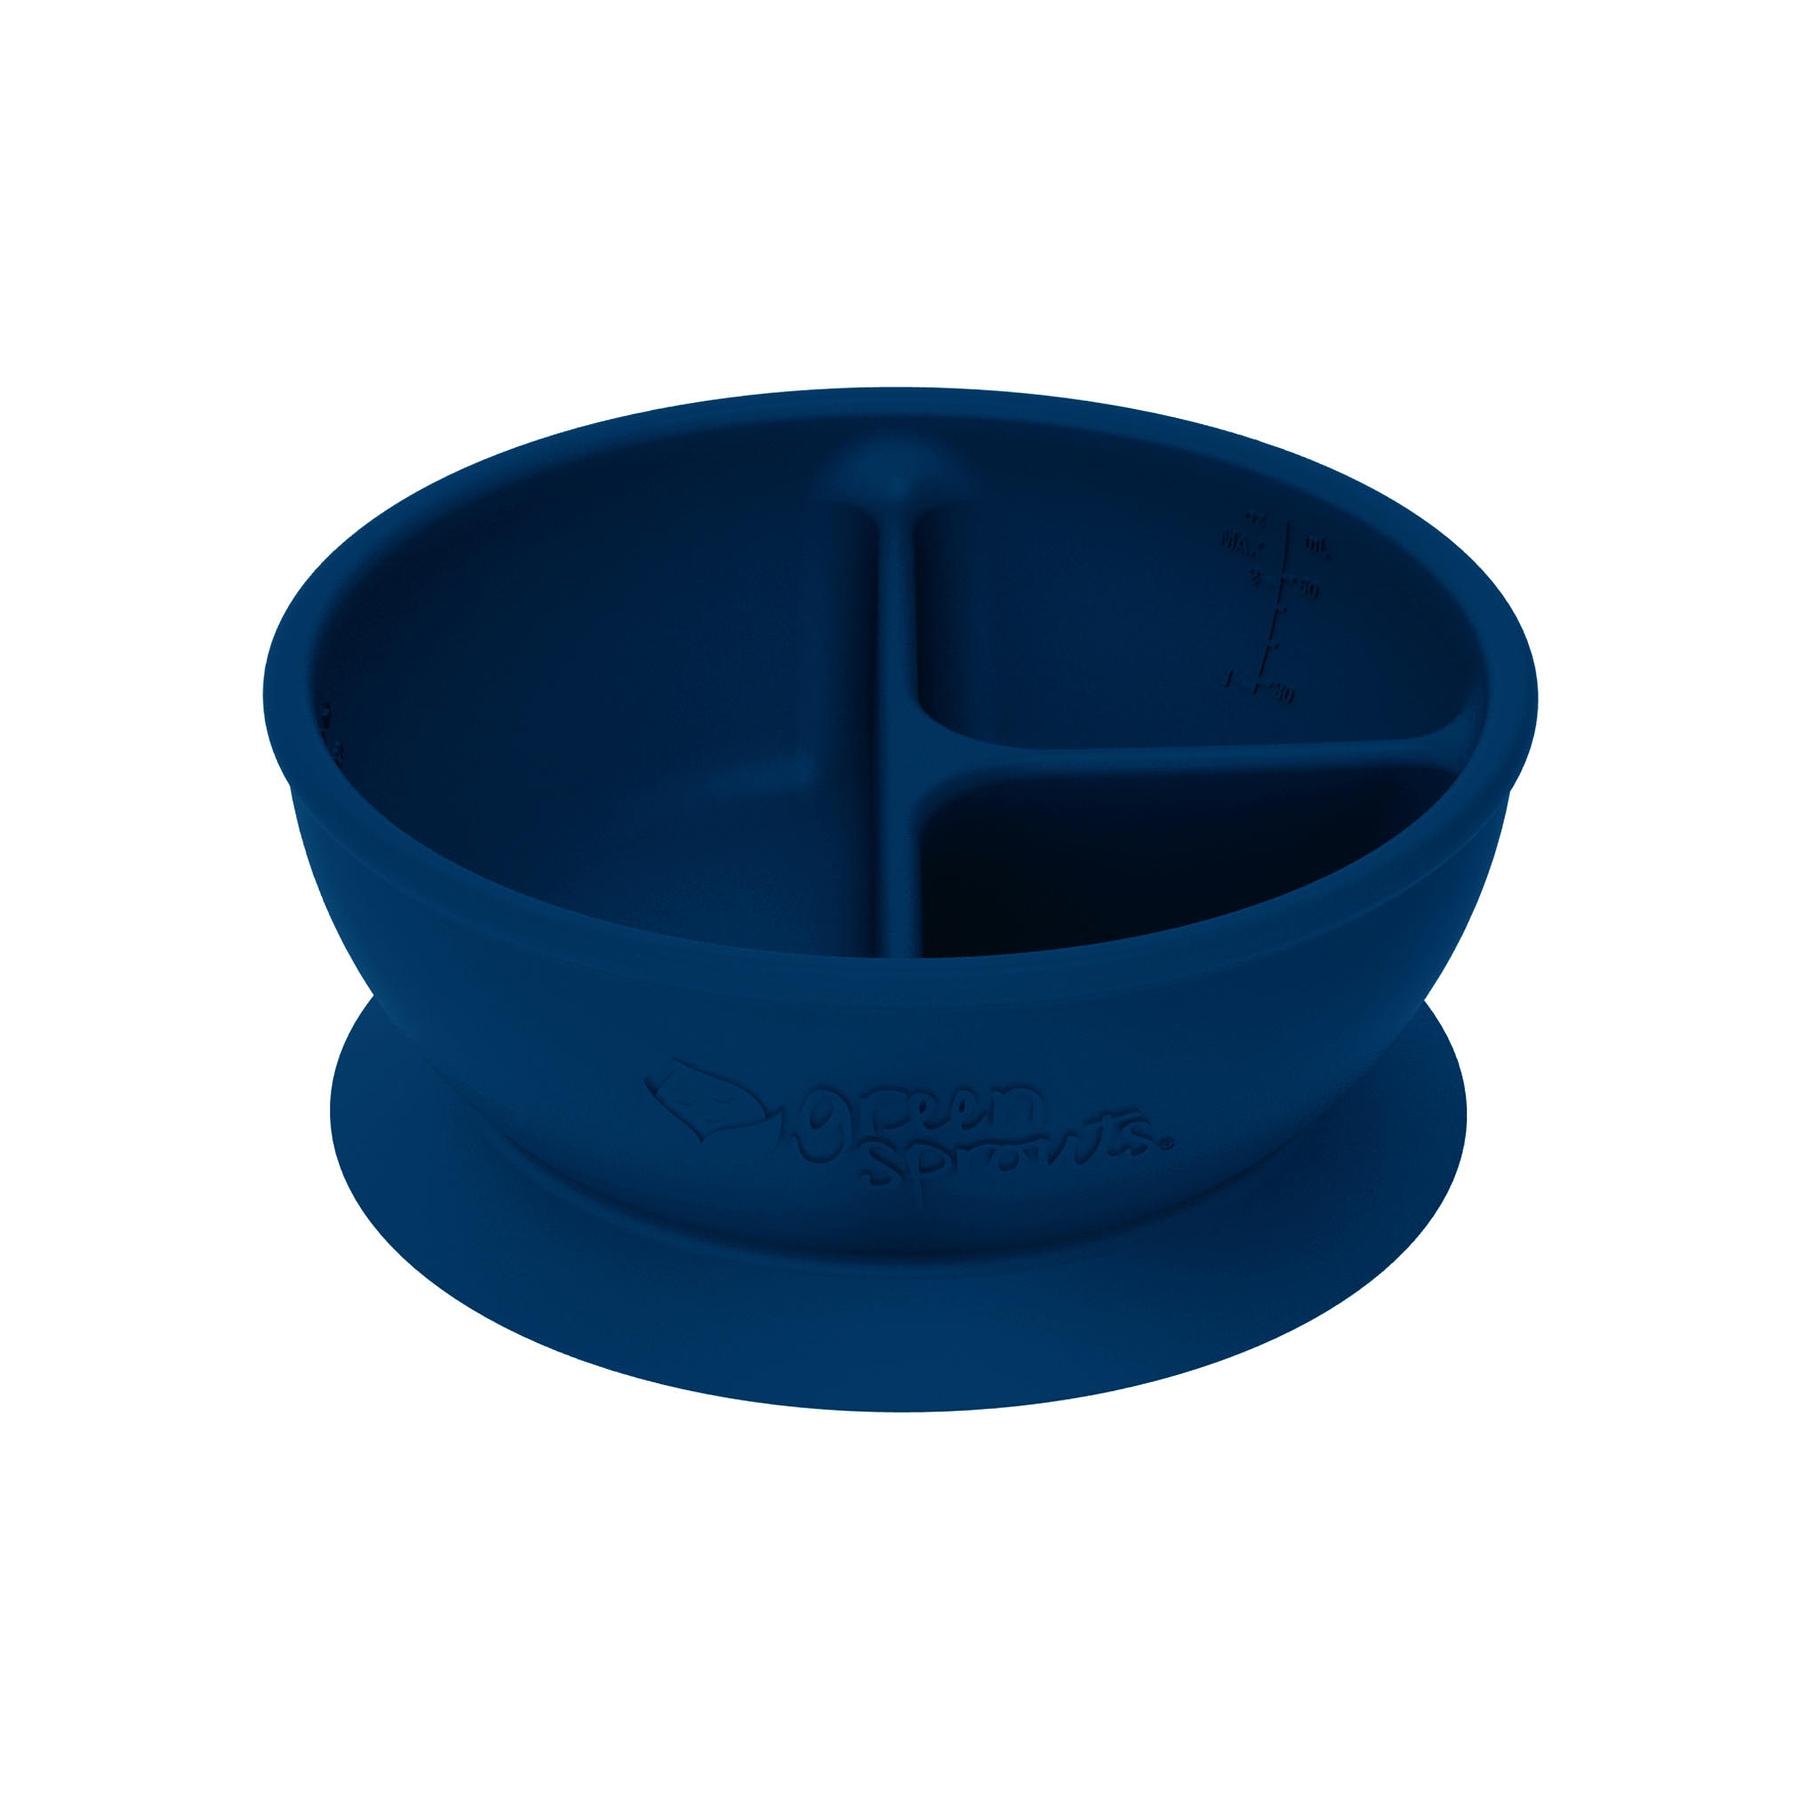 Bowl Adherente 100%  Silicona Azul Navy